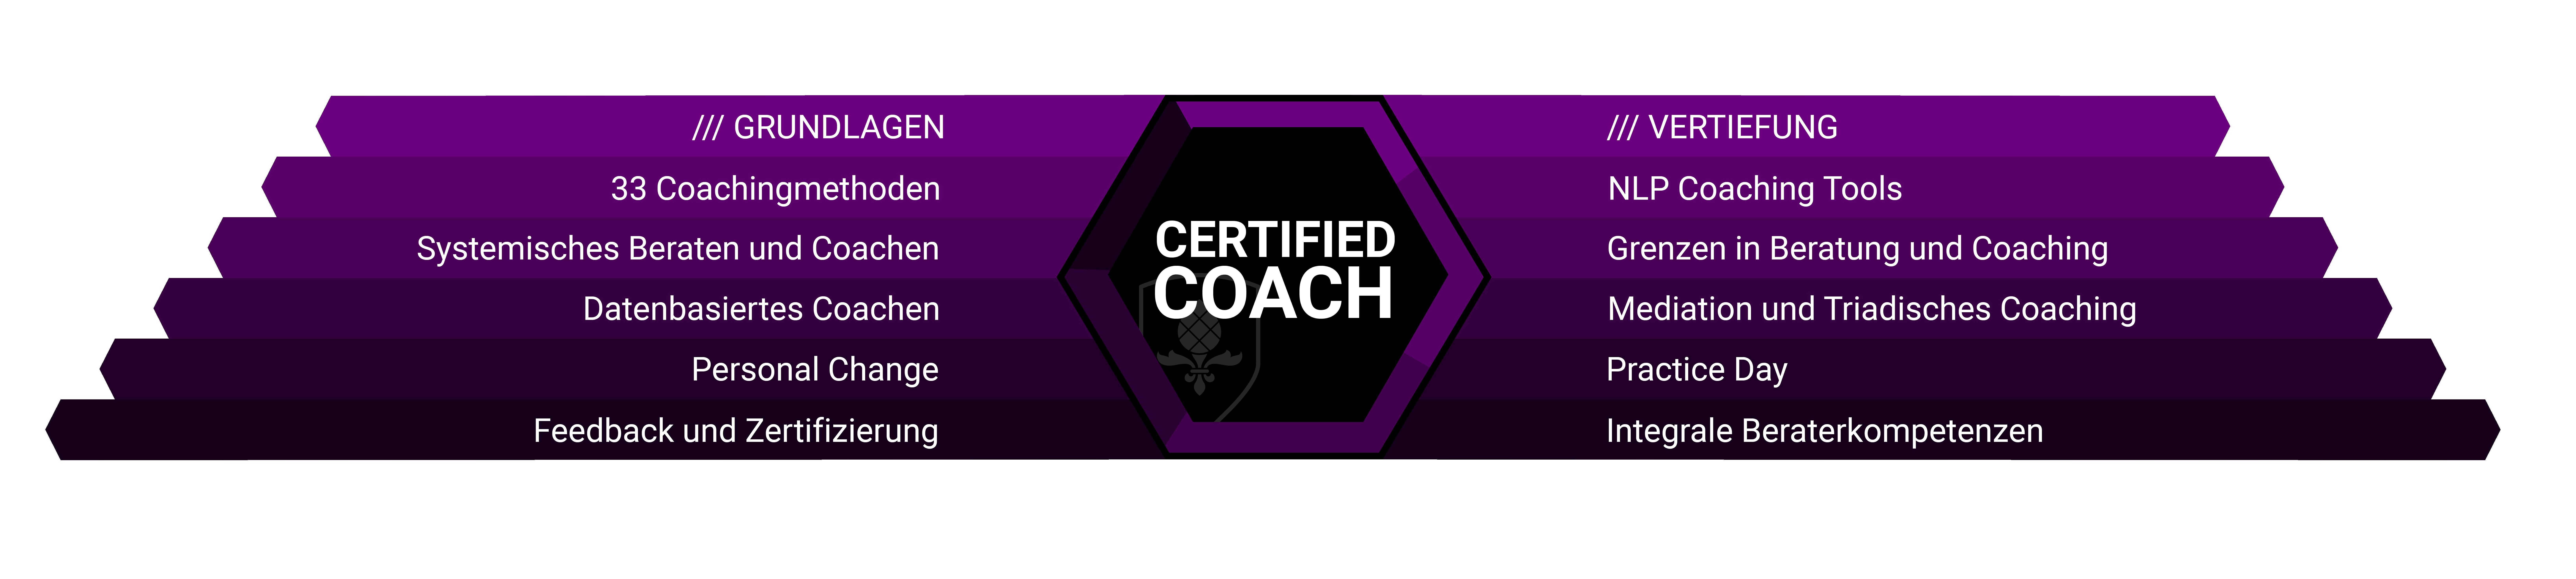 Coaching Ausbildung